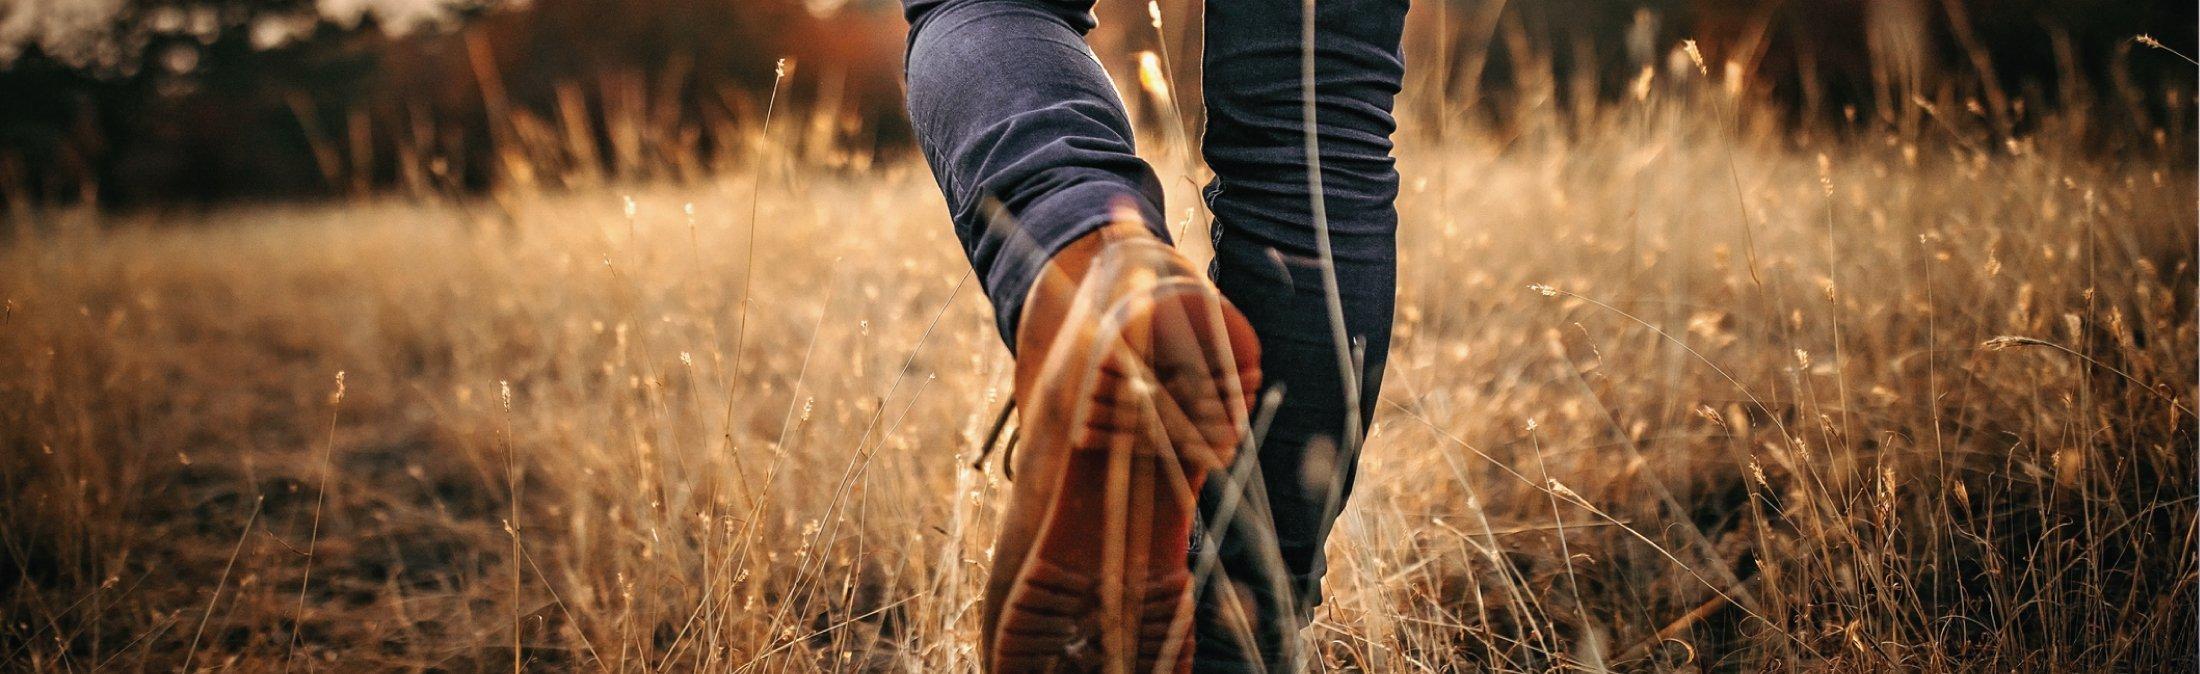 person walking in field